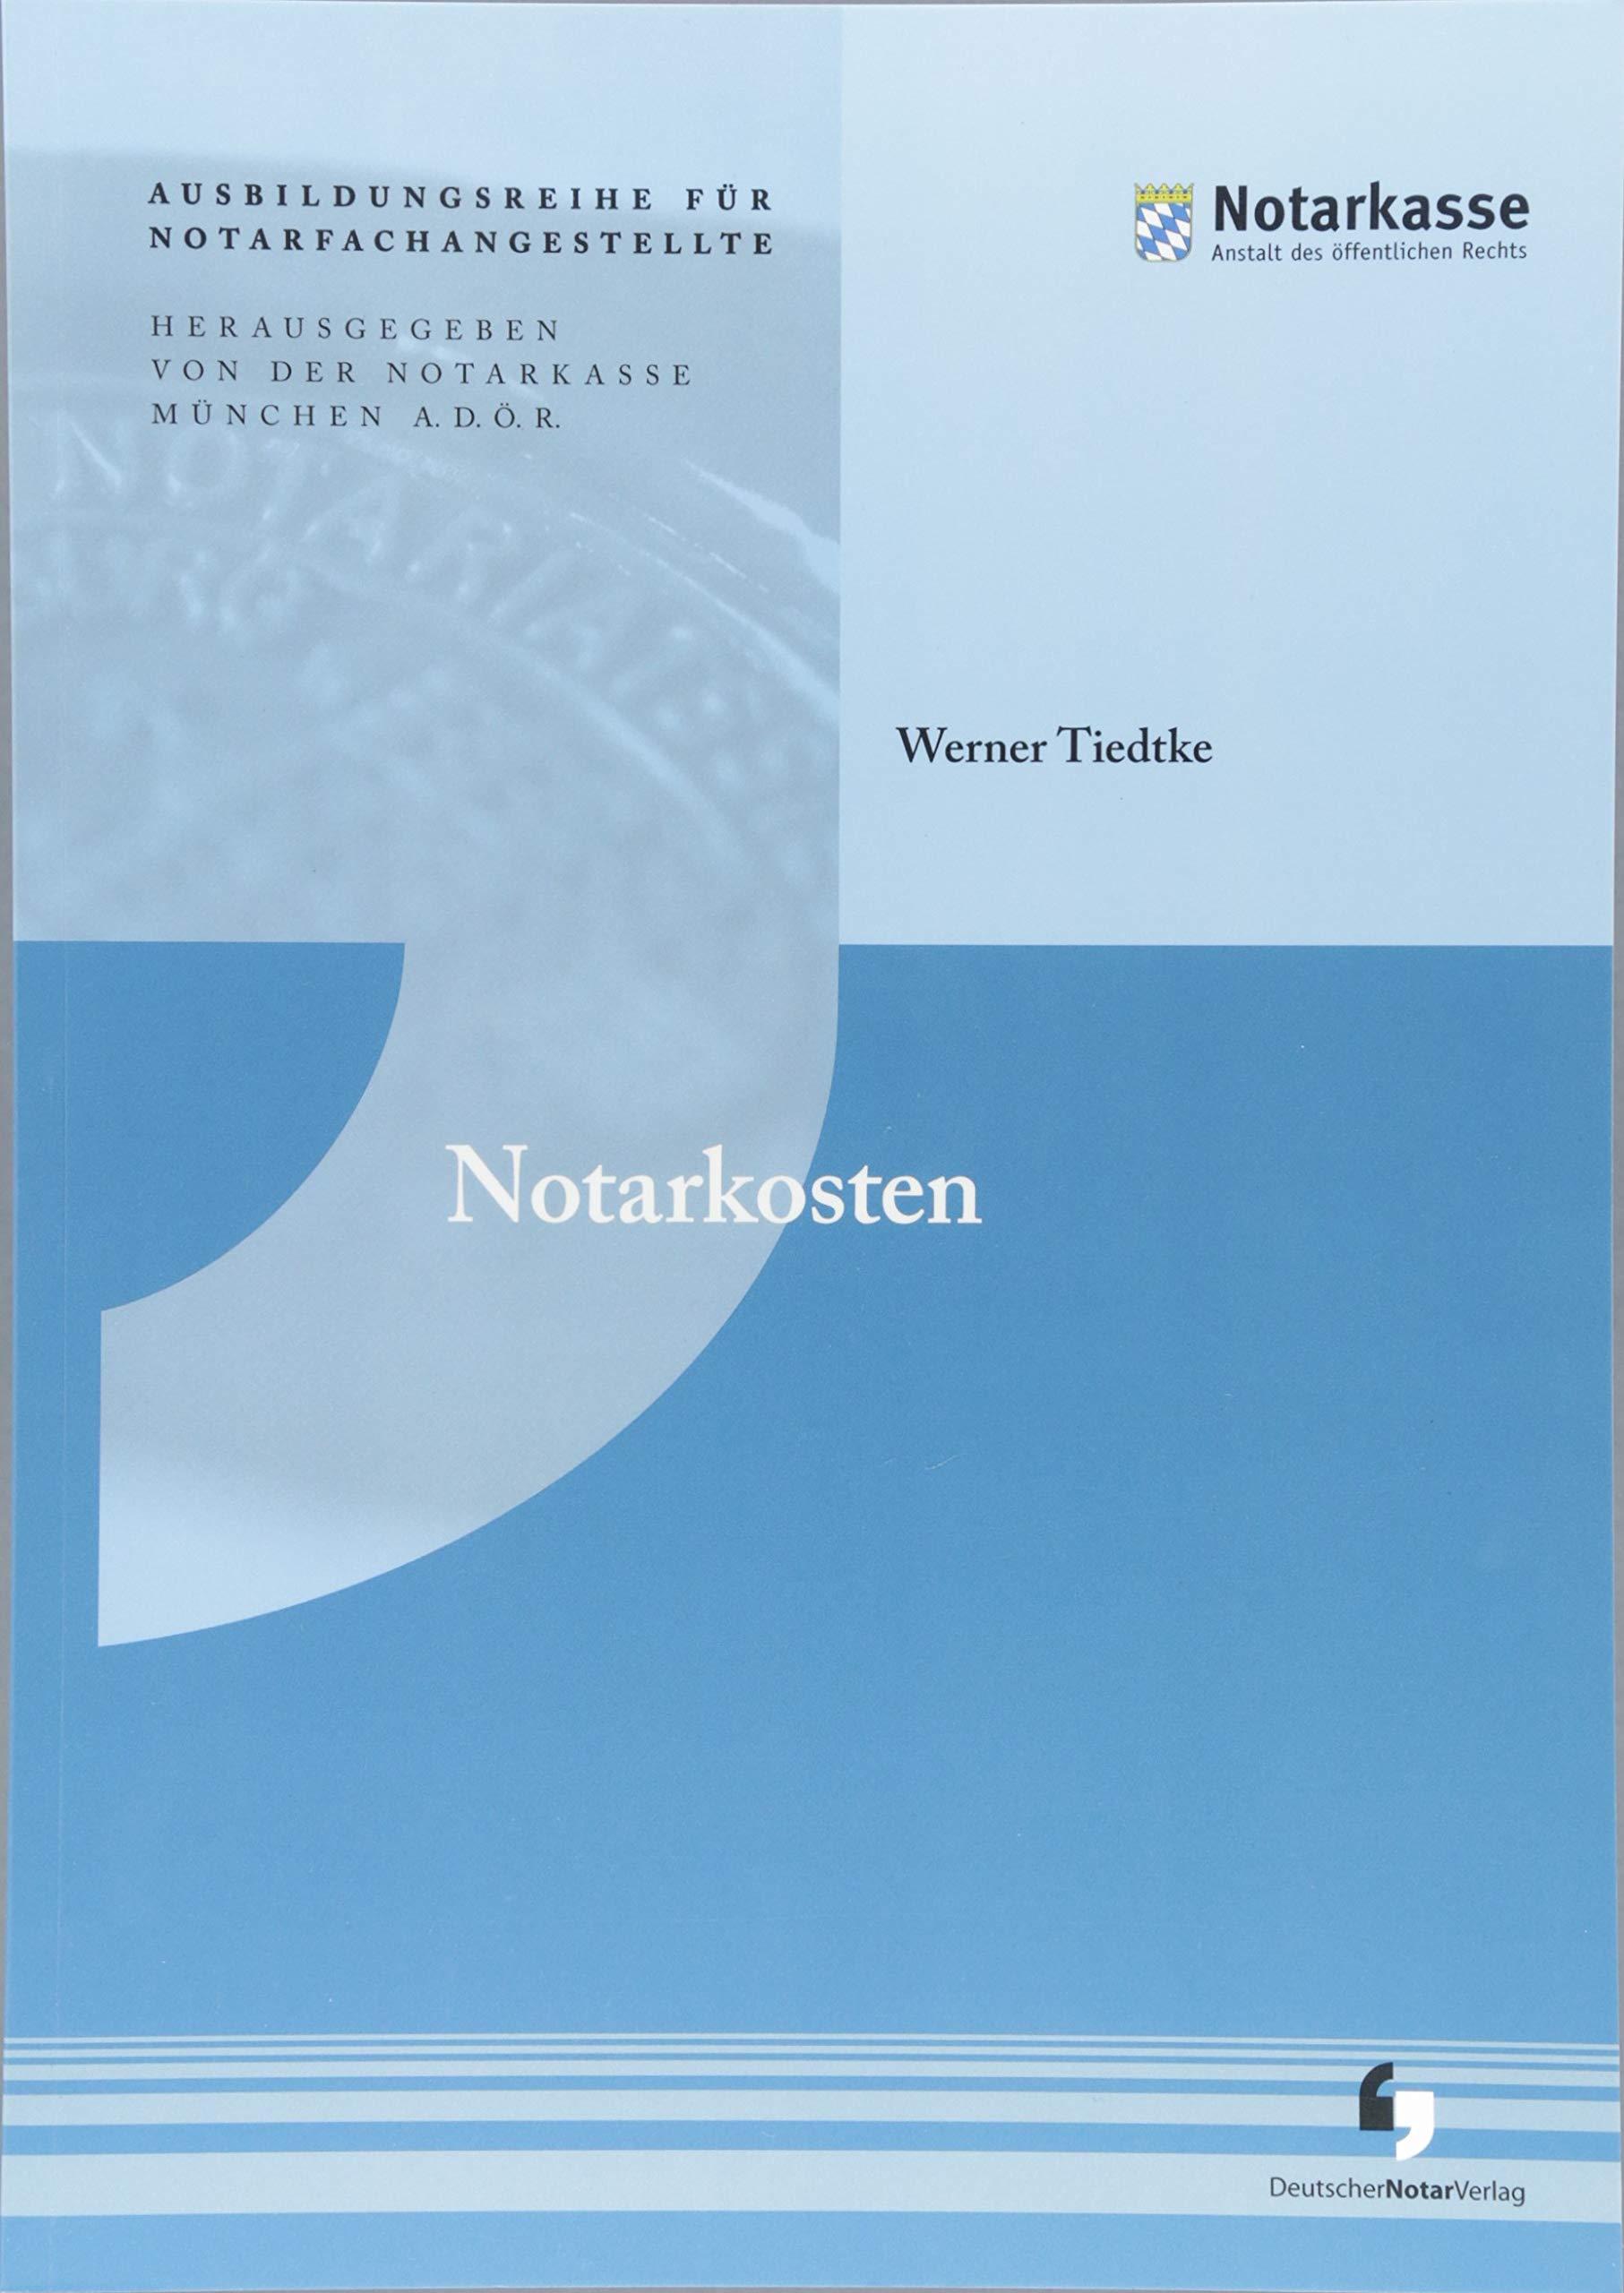 Notarkosten (Ausbildungsreihe für Notarfachangestellte) Taschenbuch – 6. Dezember 2017 Notarkasse München A.D.Ö.R. Werner Tiedtke 3956461231 Berufsschulbücher